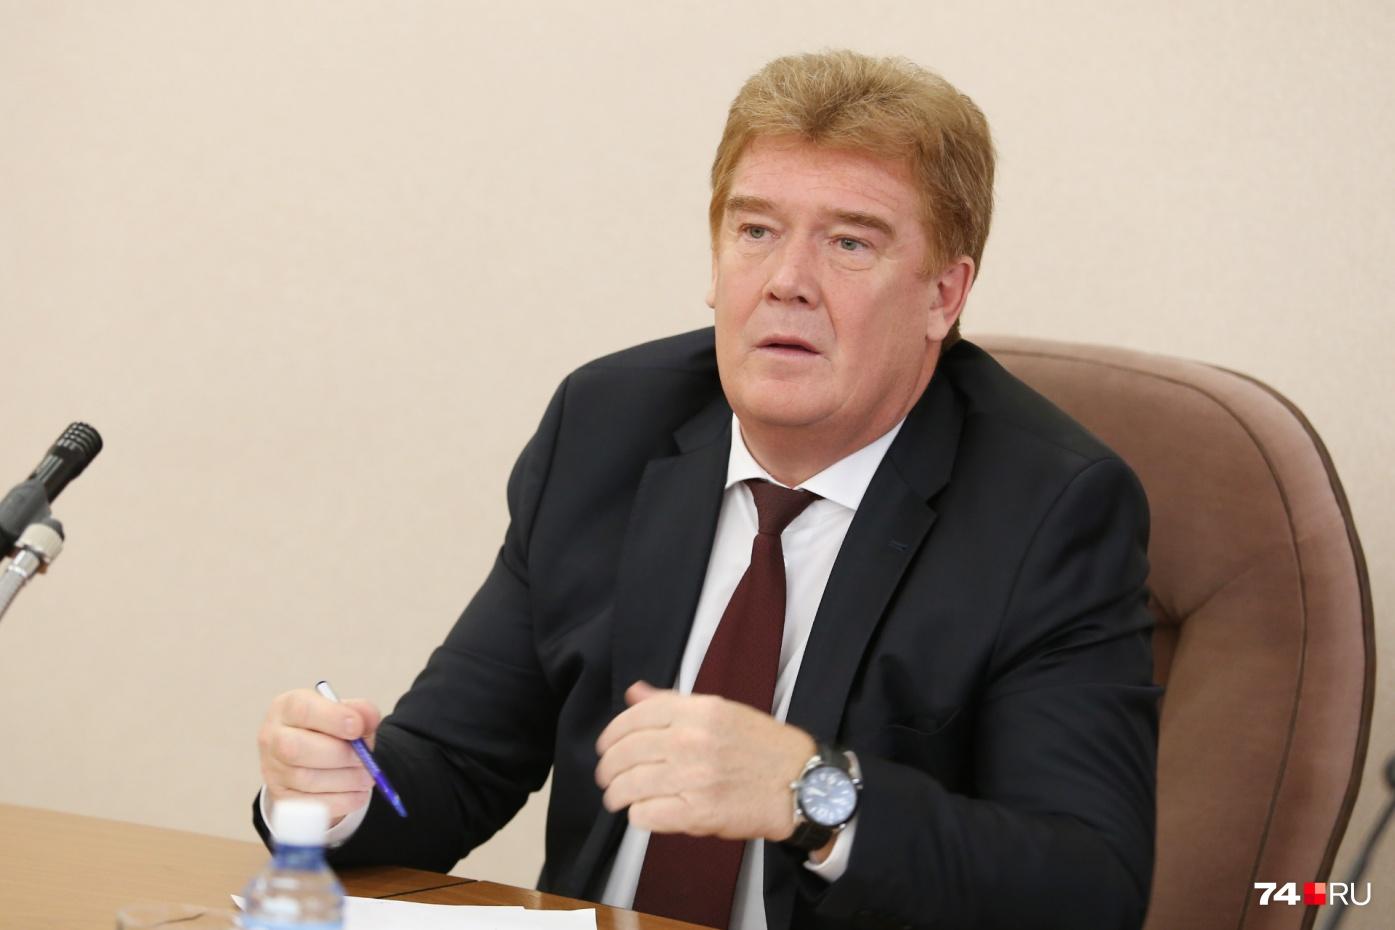 В апрельском отчёте о работе властей мэр на полном серьёзе назвал Челябинск городом, в котором хочется жить